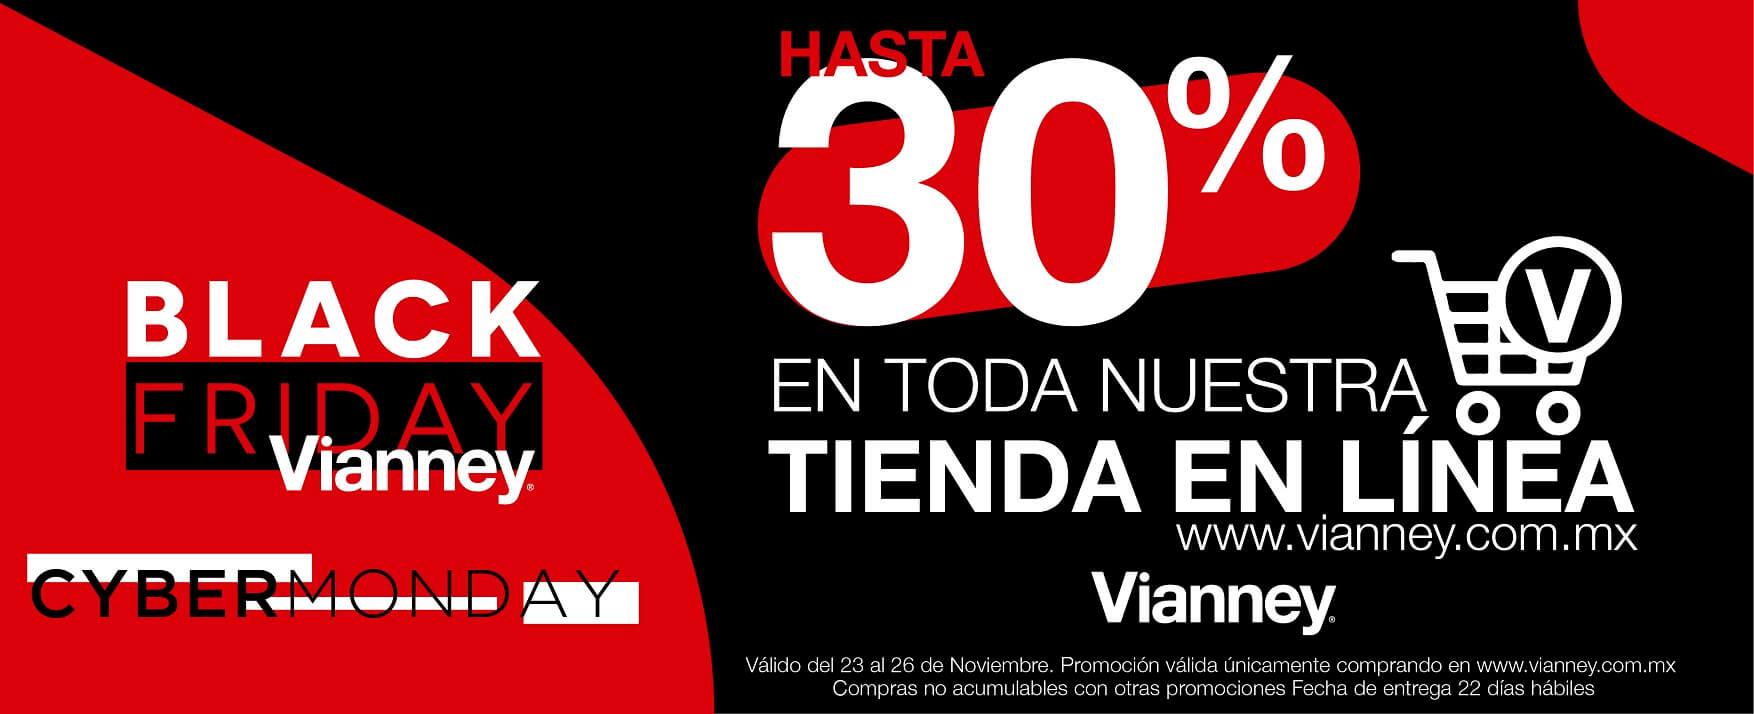 Black Friday 2018 Vianney: 30% de descuento en toda la tienda en linea